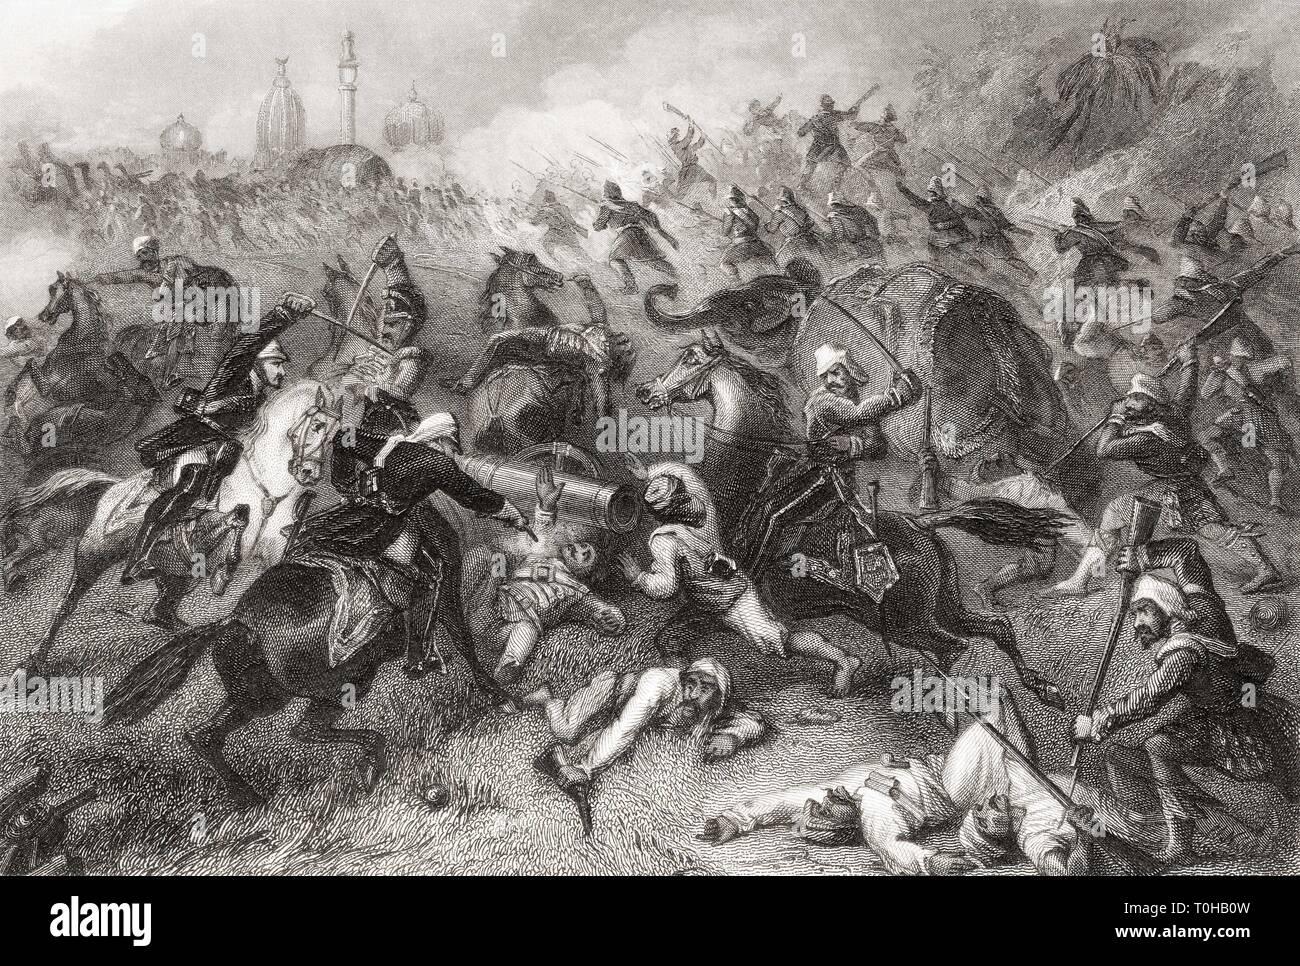 Havelocks column attacking mutineers before Cawnpore, Uttar Pradesh, India, Asia, 1857 Stock Photo